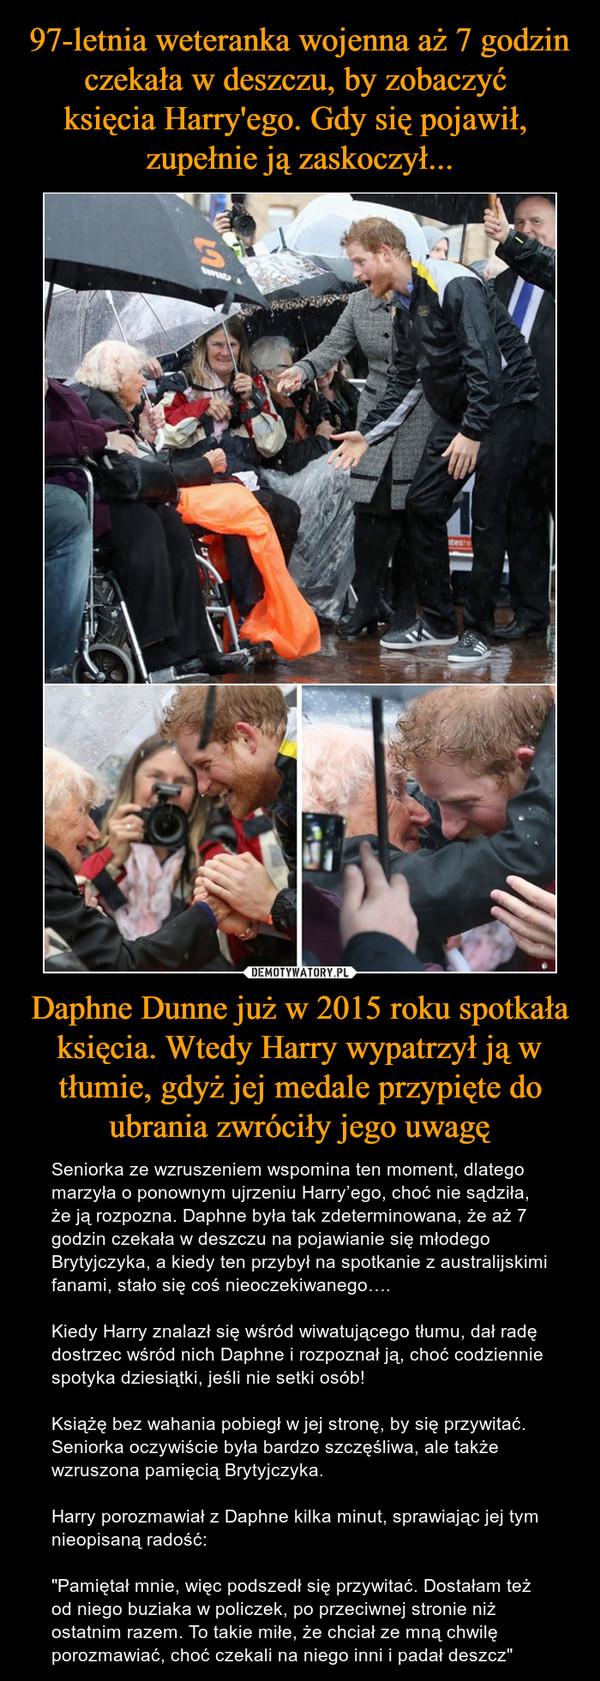 """Daphne Dunne już w 2015 roku spotkała księcia. Wtedy Harry wypatrzył ją w tłumie, gdyż jej medale przypięte do ubrania zwróciły jego uwagę – Seniorka ze wzruszeniem wspomina ten moment, dlatego marzyła o ponownym ujrzeniu Harry'ego, choć nie sądziła, że ją rozpozna. Daphne była tak zdeterminowana, że aż 7 godzin czekała w deszczu na pojawianie się młodego Brytyjczyka, a kiedy ten przybył na spotkanie z australijskimi fanami, stało się coś nieoczekiwanego….Kiedy Harry znalazł się wśród wiwatującego tłumu, dał radę dostrzec wśród nich Daphne i rozpoznał ją, choć codziennie spotyka dziesiątki, jeśli nie setki osób!Książę bez wahania pobiegł w jej stronę, by się przywitać. Seniorka oczywiście była bardzo szczęśliwa, ale także wzruszona pamięcią Brytyjczyka.Harry porozmawiał z Daphne kilka minut, sprawiając jej tym nieopisaną radość:""""Pamiętał mnie, więc podszedł się przywitać. Dostałam też od niego buziaka w policzek, po przeciwnej stronie niż ostatnim razem. To takie miłe, że chciał ze mną chwilę porozmawiać, choć czekali na niego inni i padał deszcz"""""""